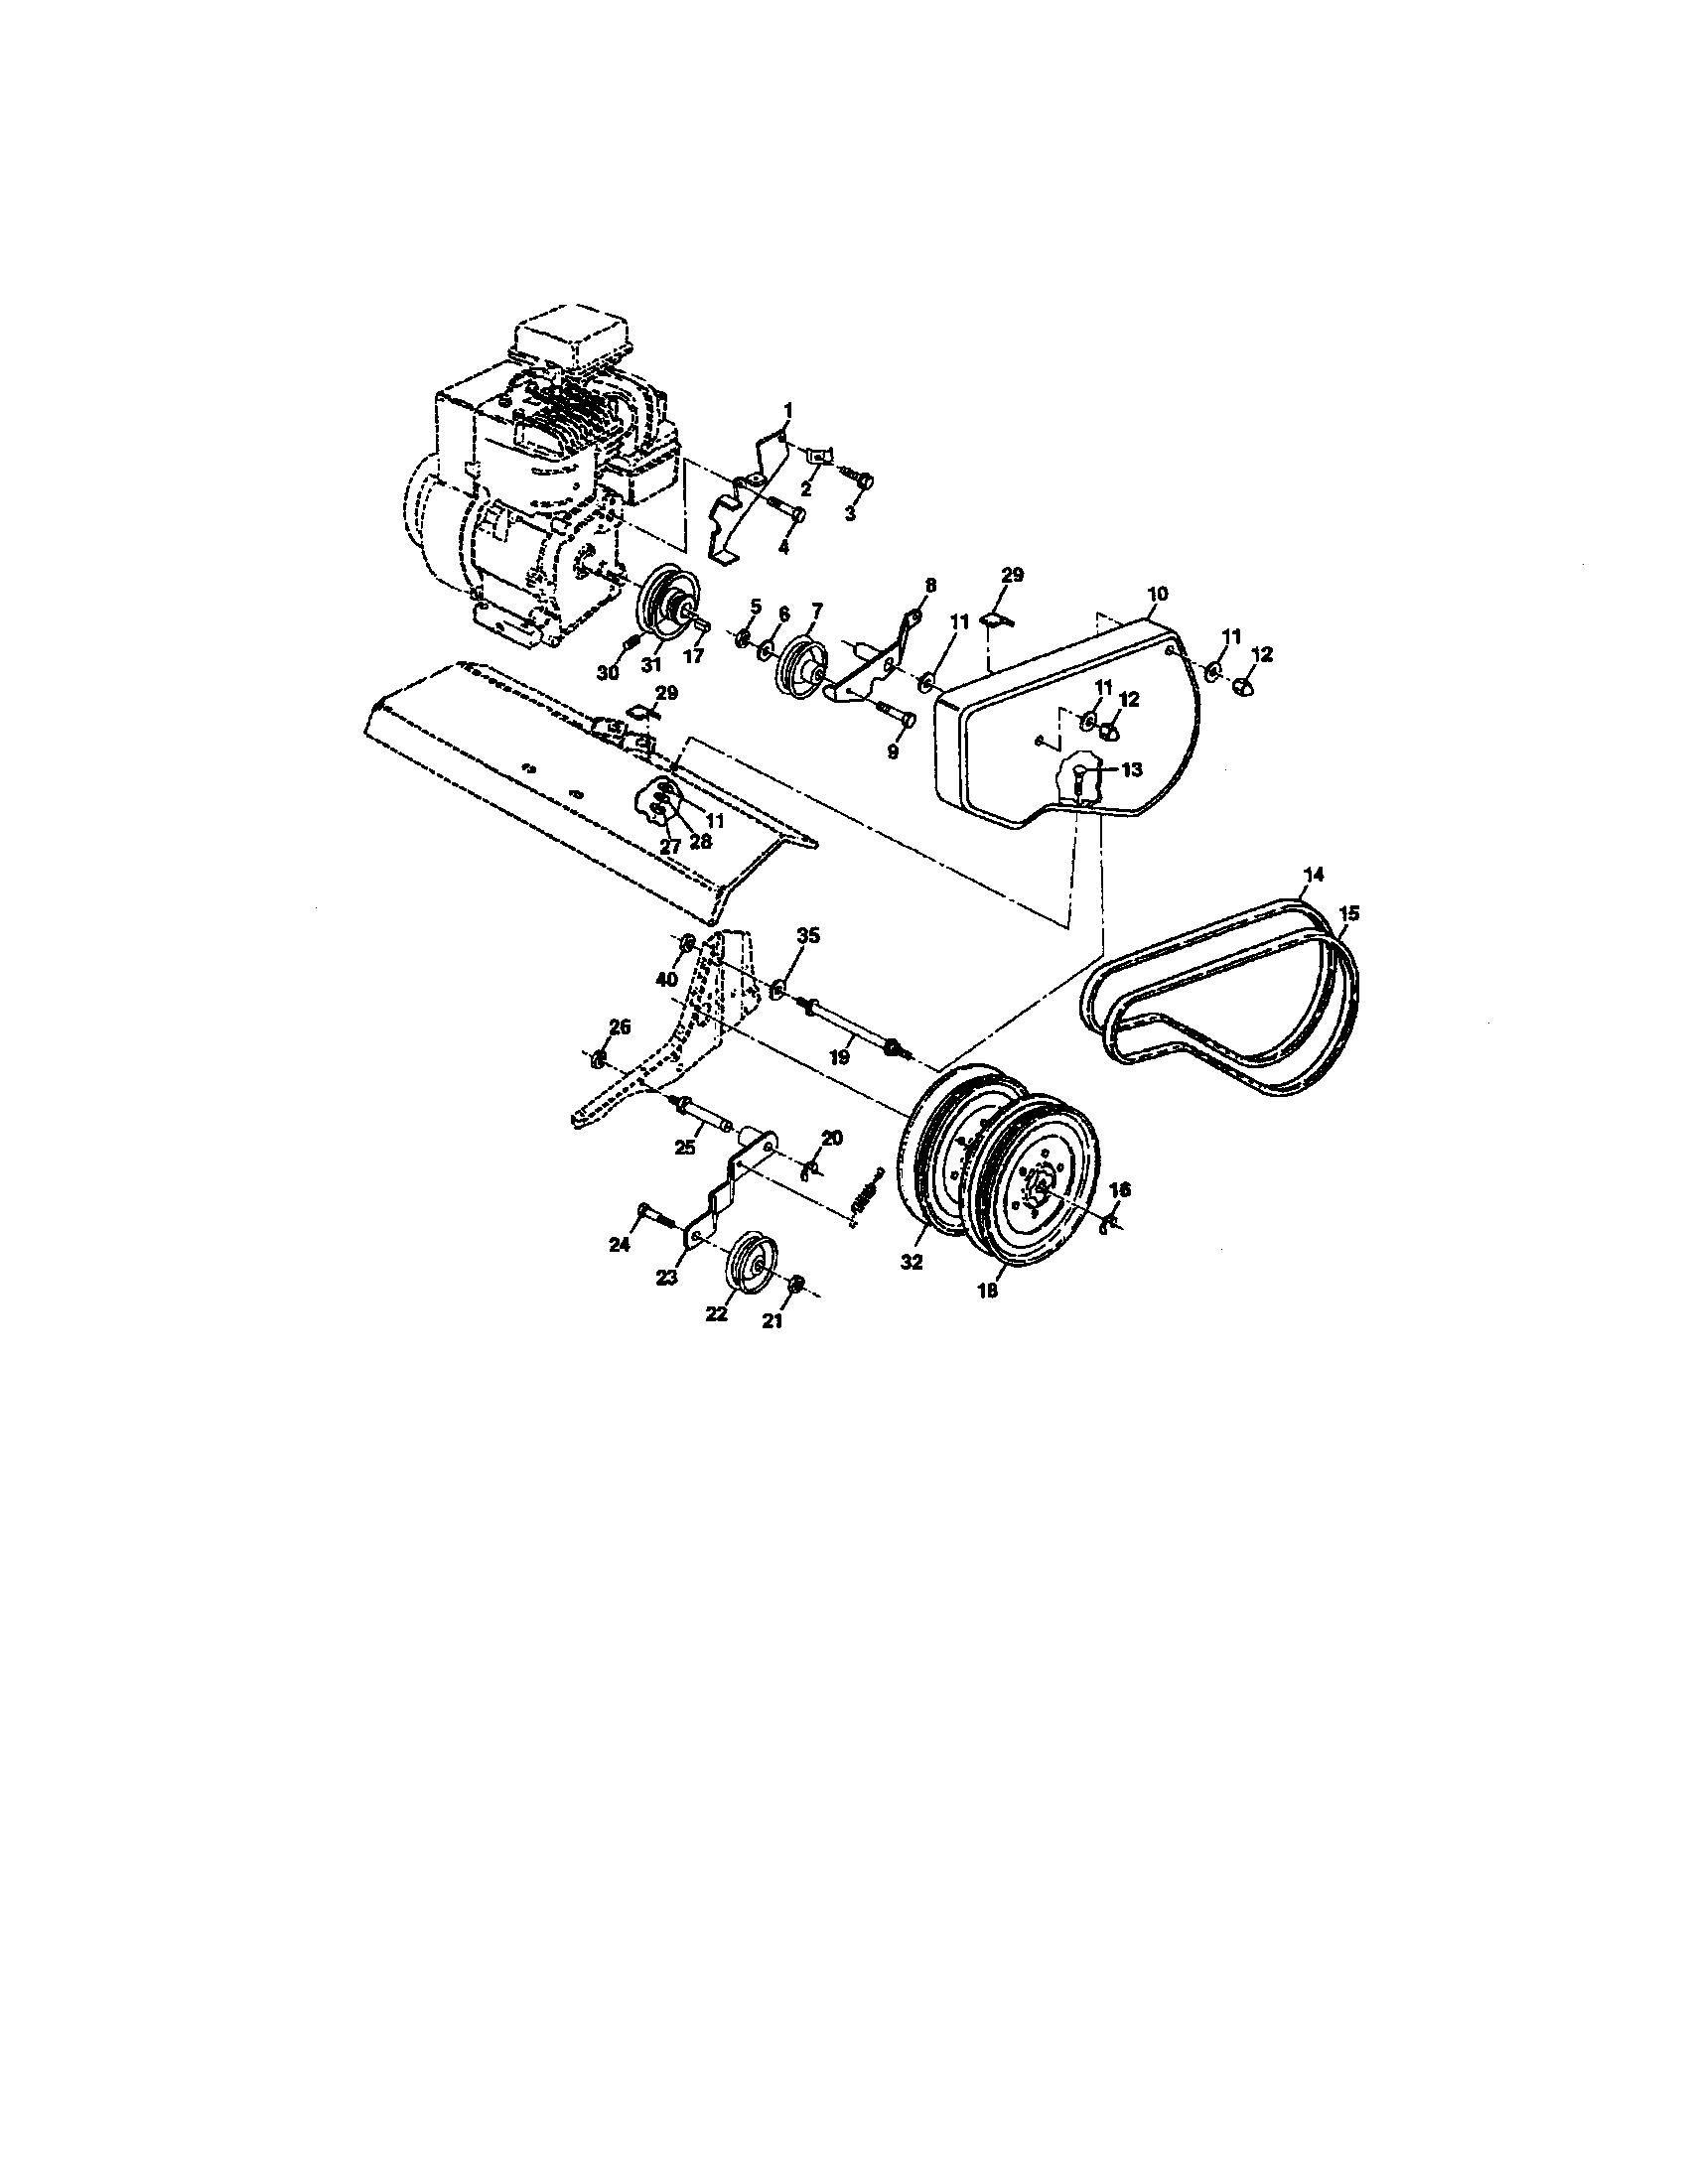 Craftsman model 917292490 front tine, gas tiller genuine parts